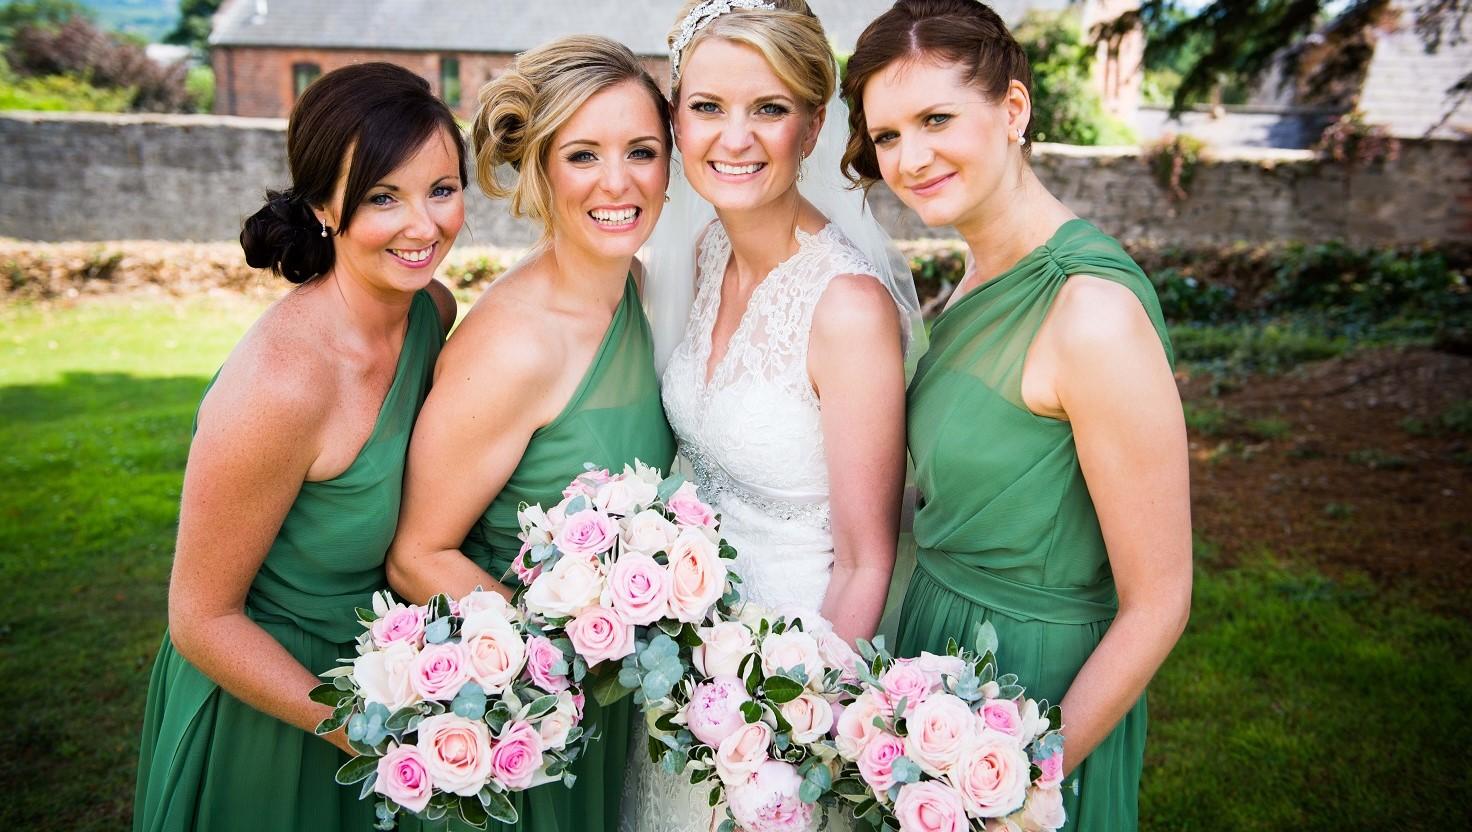 bride bridesmaids rose wedding bouquet